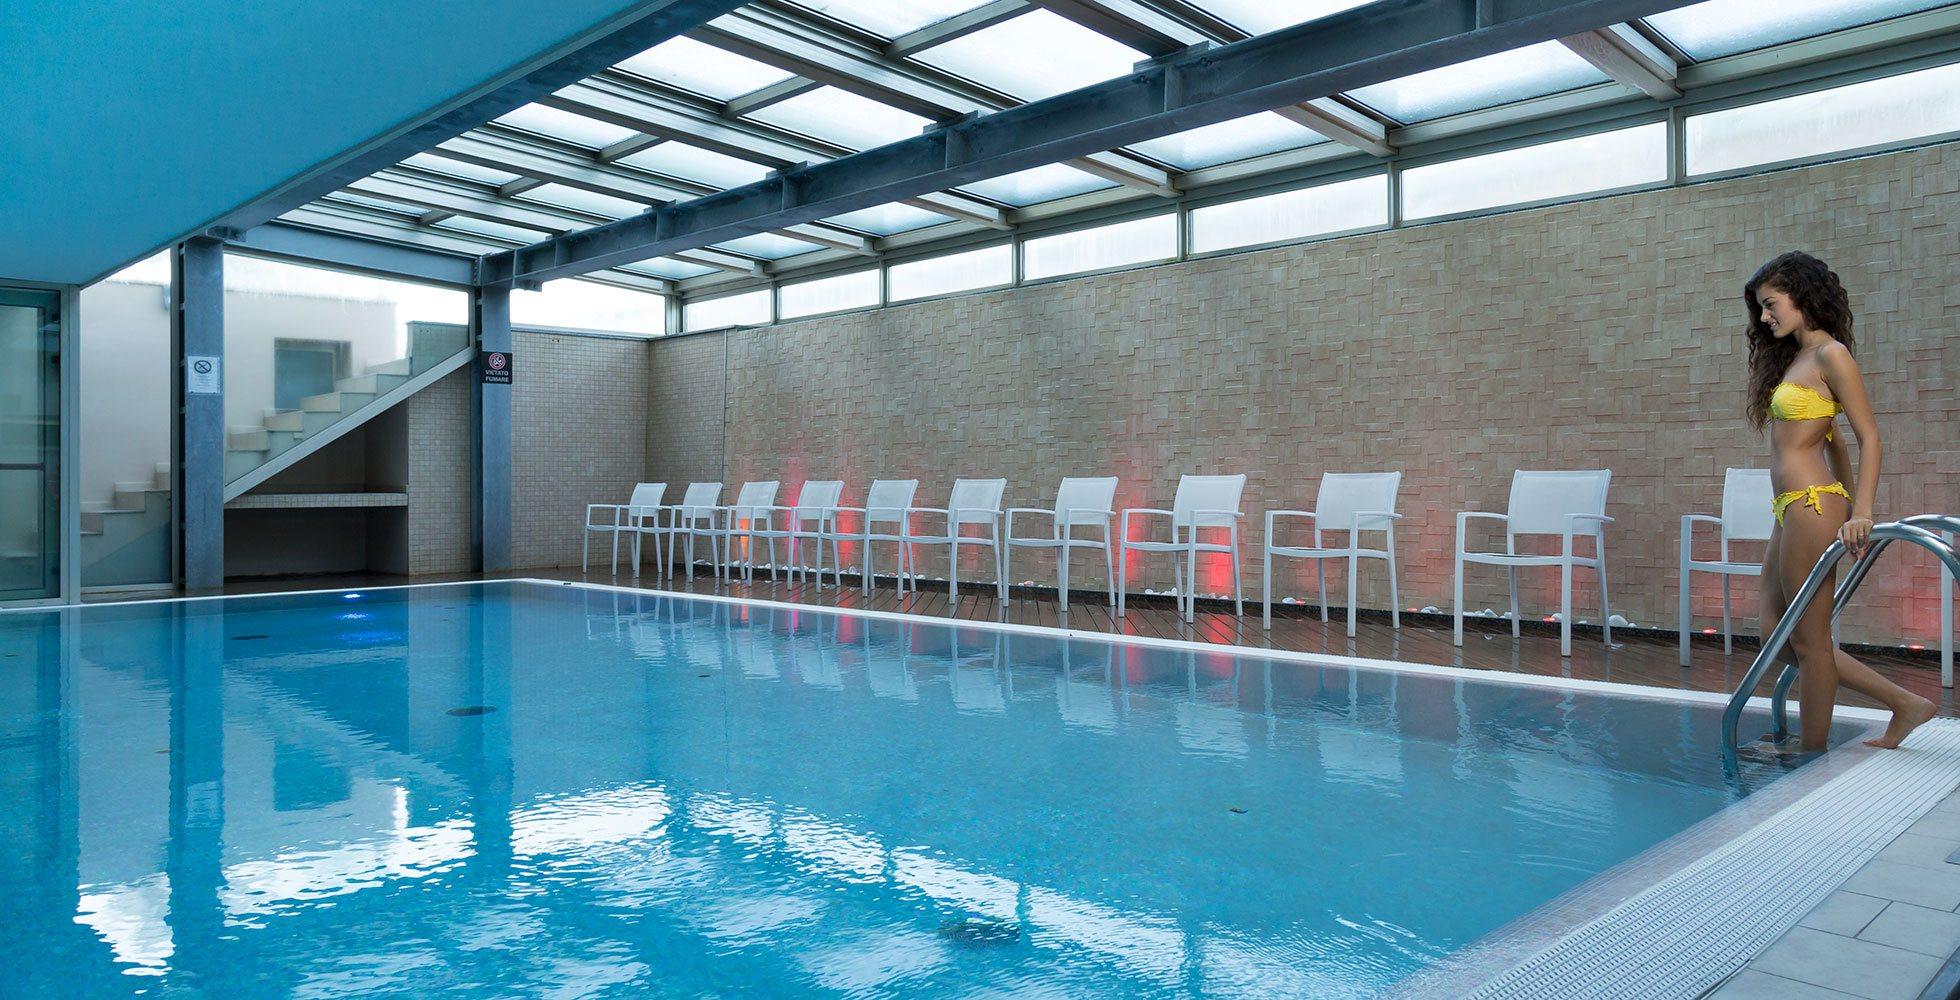 Hotel rimini 4 stelle con piscina spa sale terminal palace spa - Hotel con piscina a rimini ...